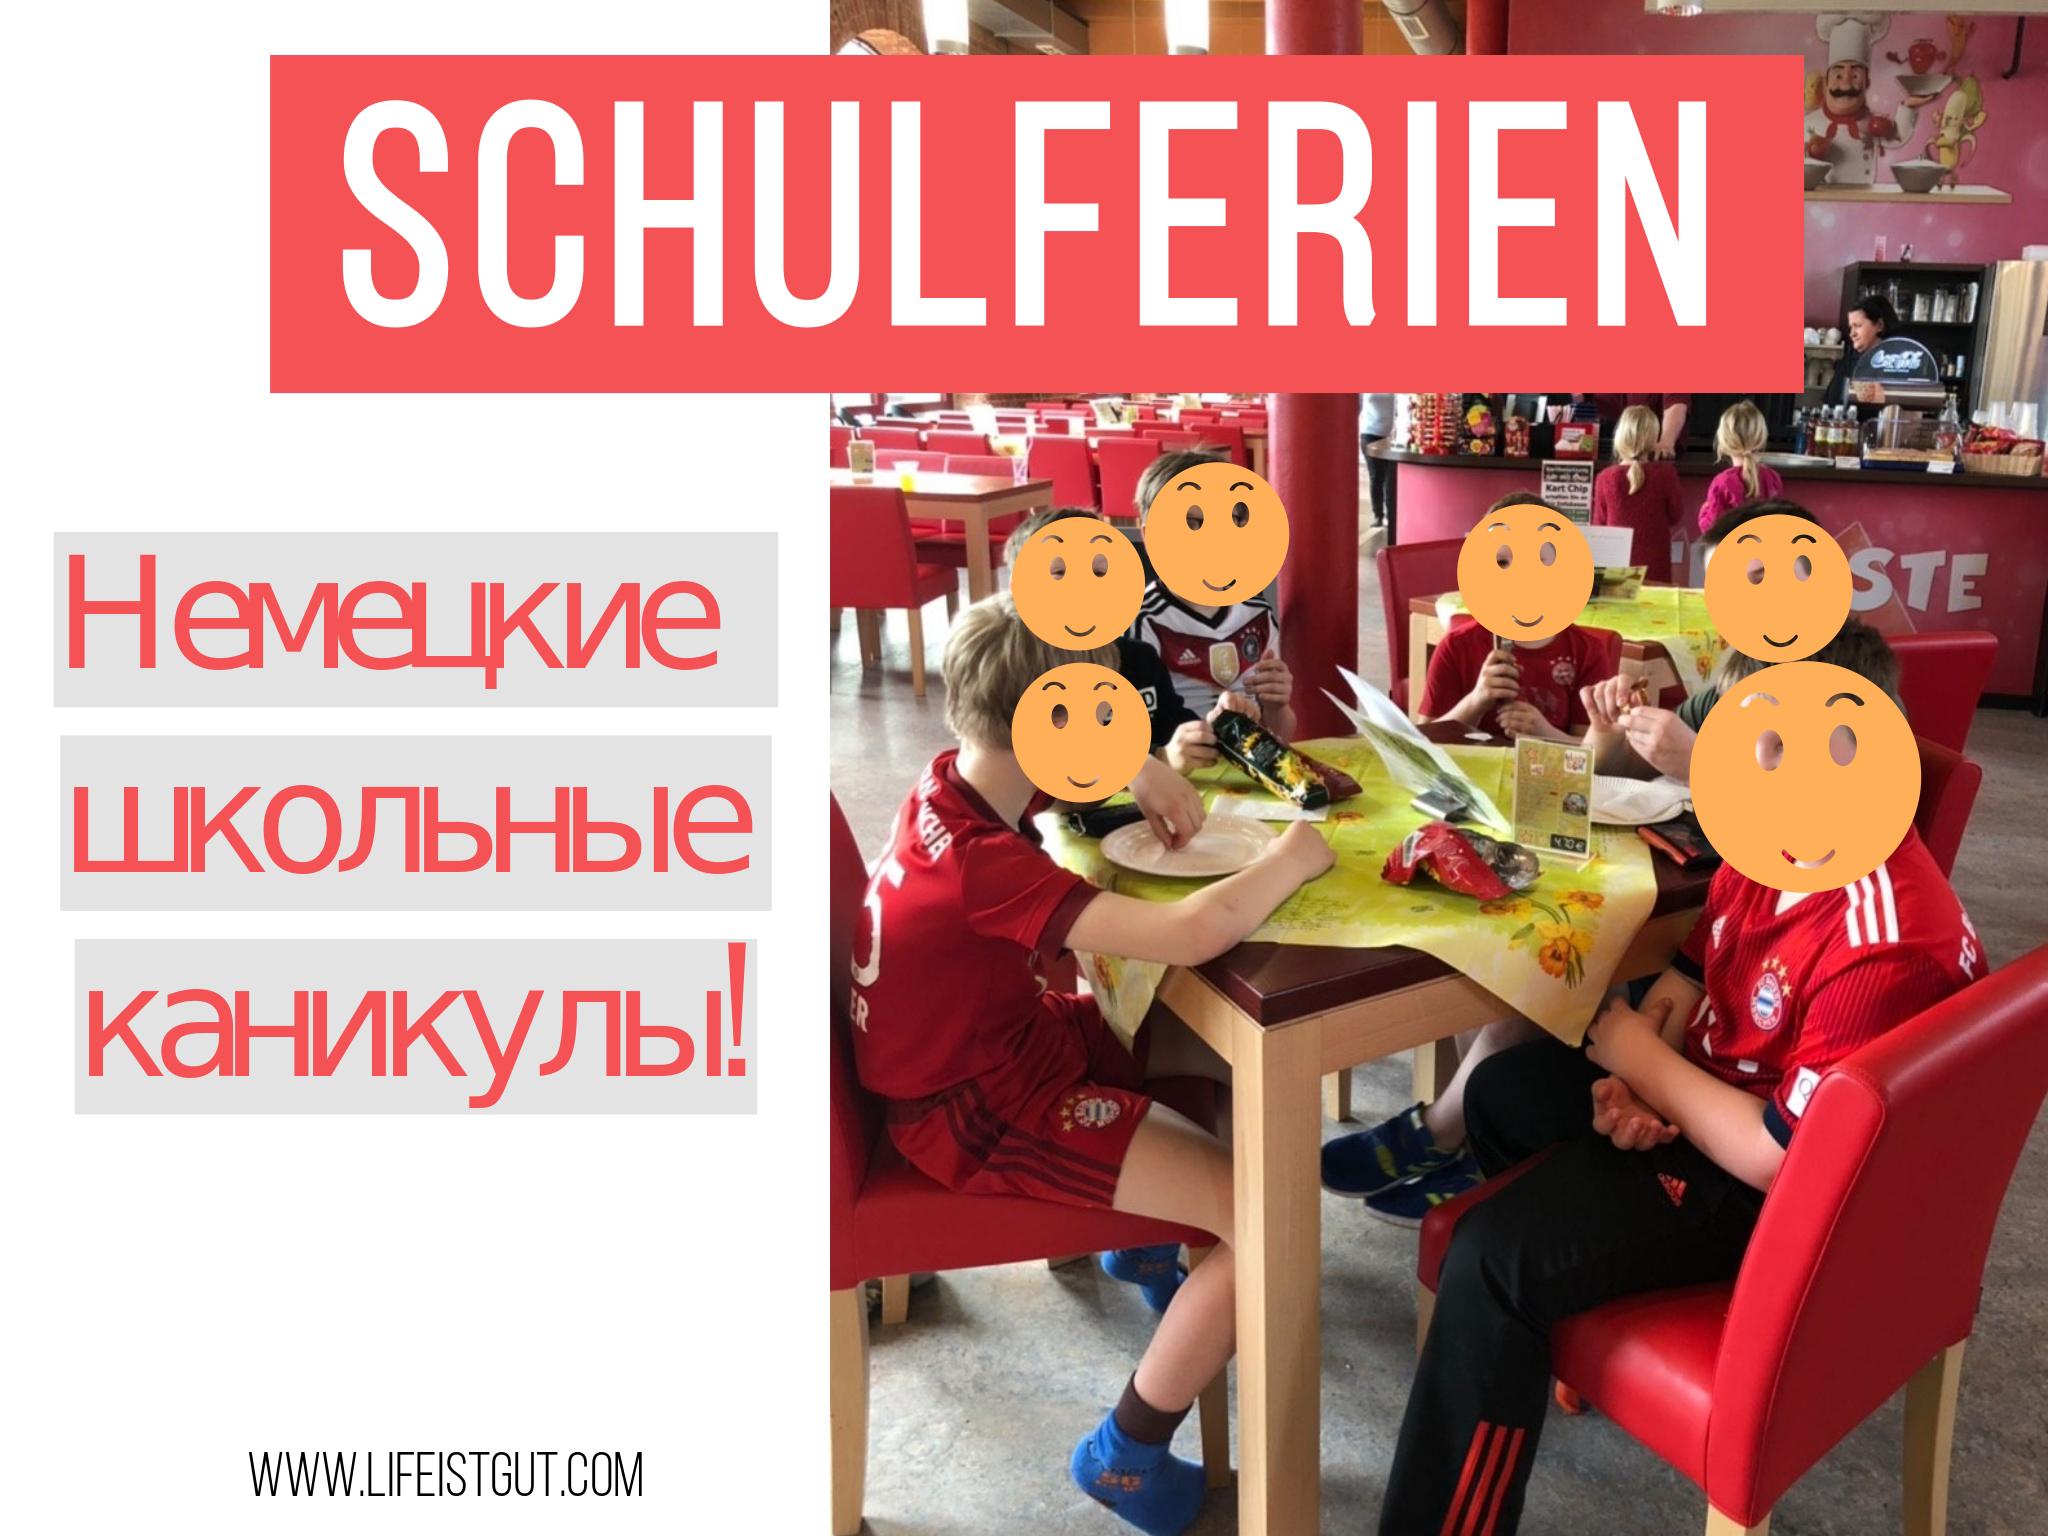 Die Schulferien или школьные каникулы в Германии!